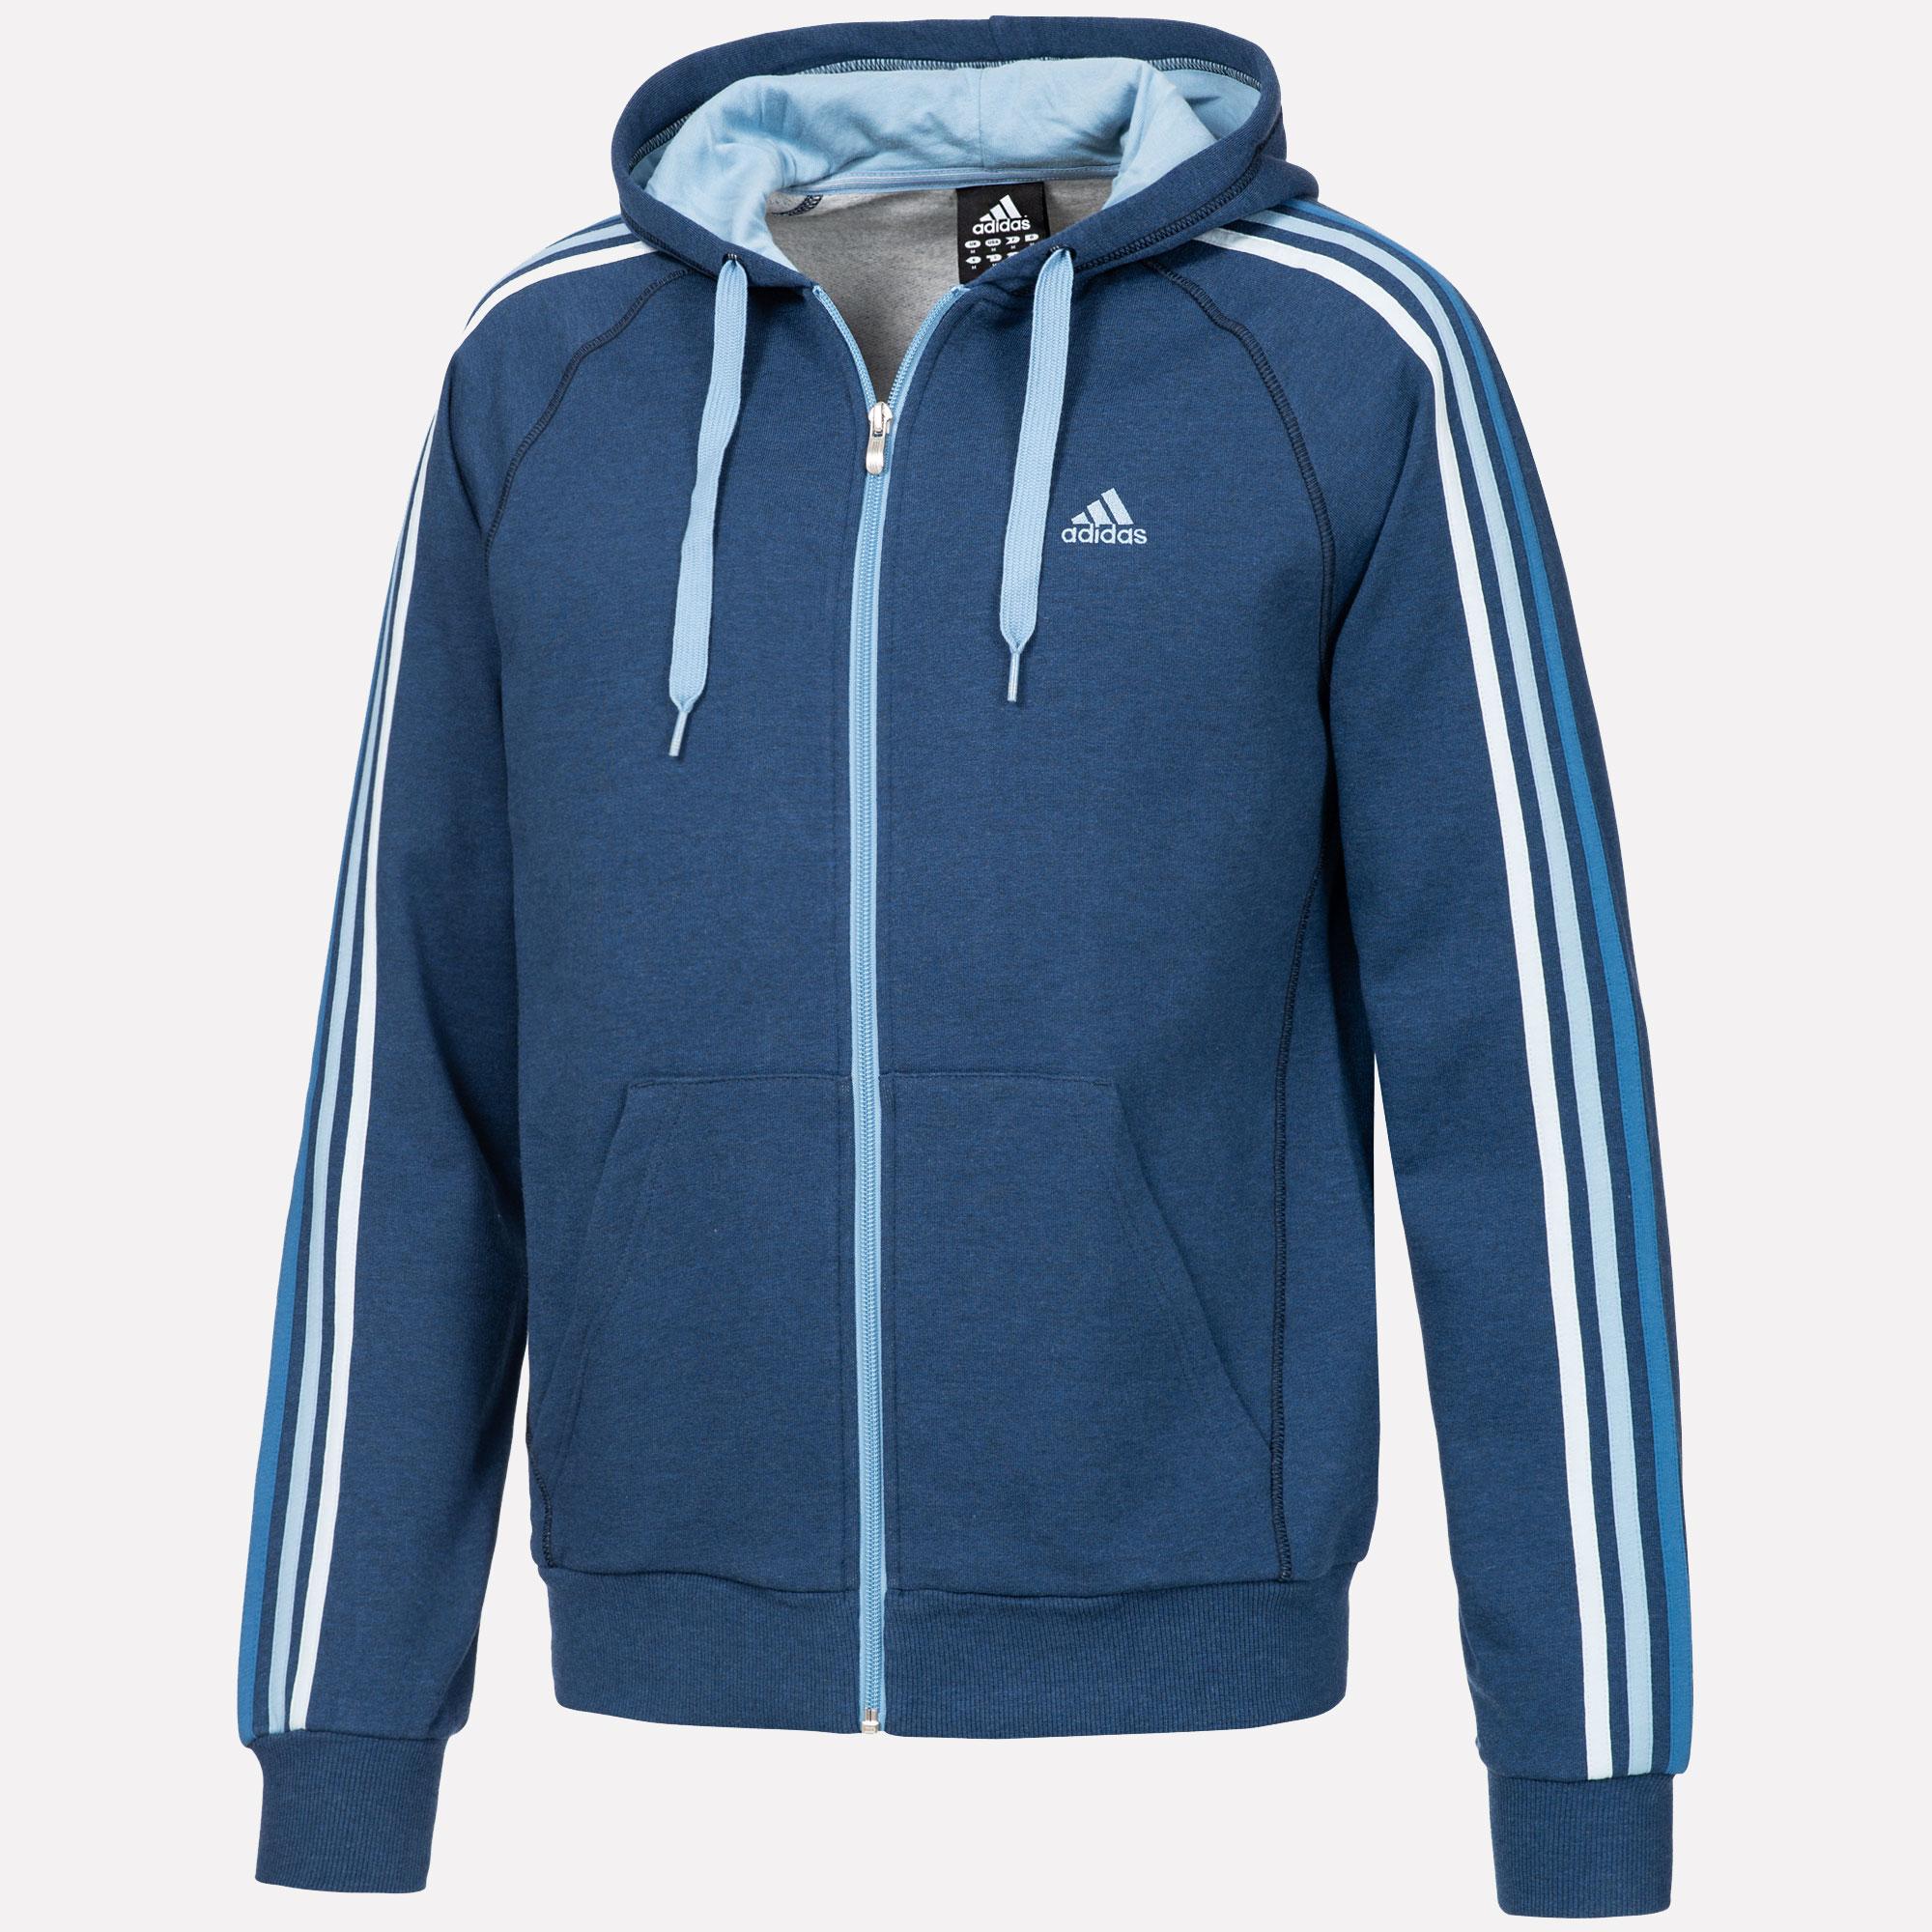 ADIDAS ORIGINALS Sweatshirt aus Baumwolle in Blau Türkis